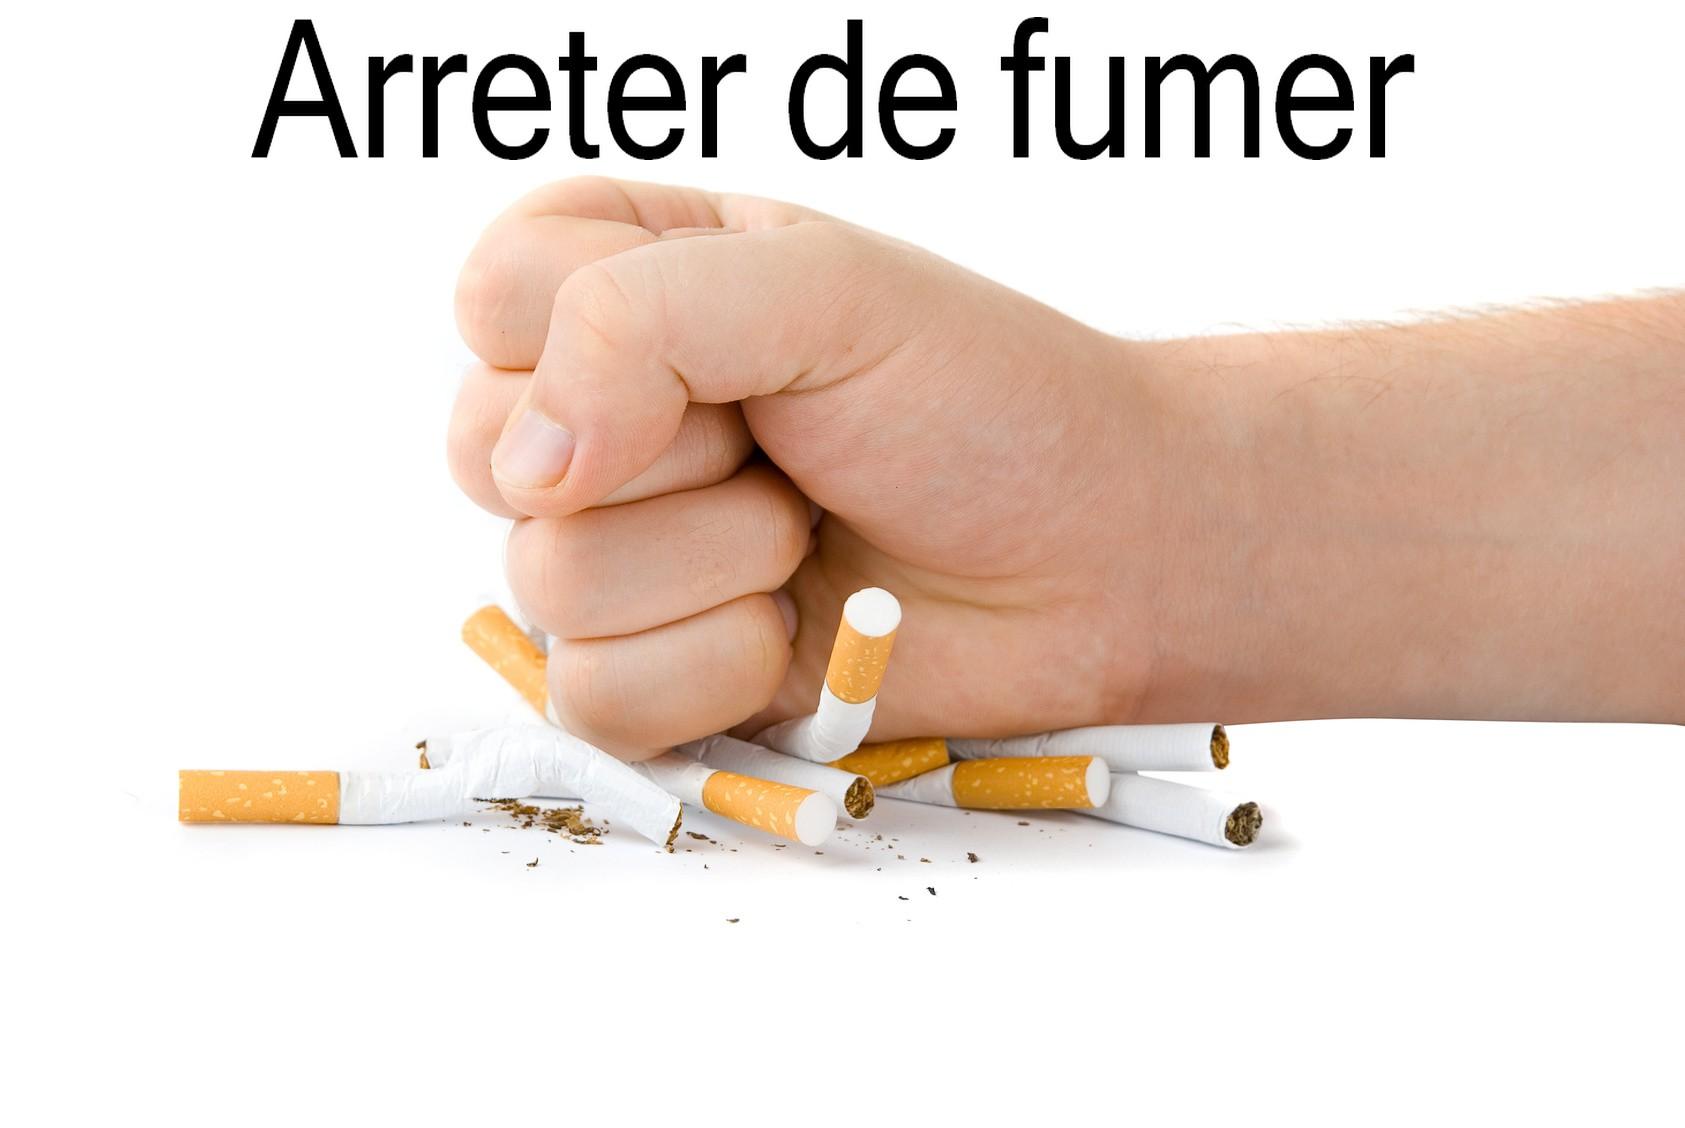 arreter de fumer - cigarette